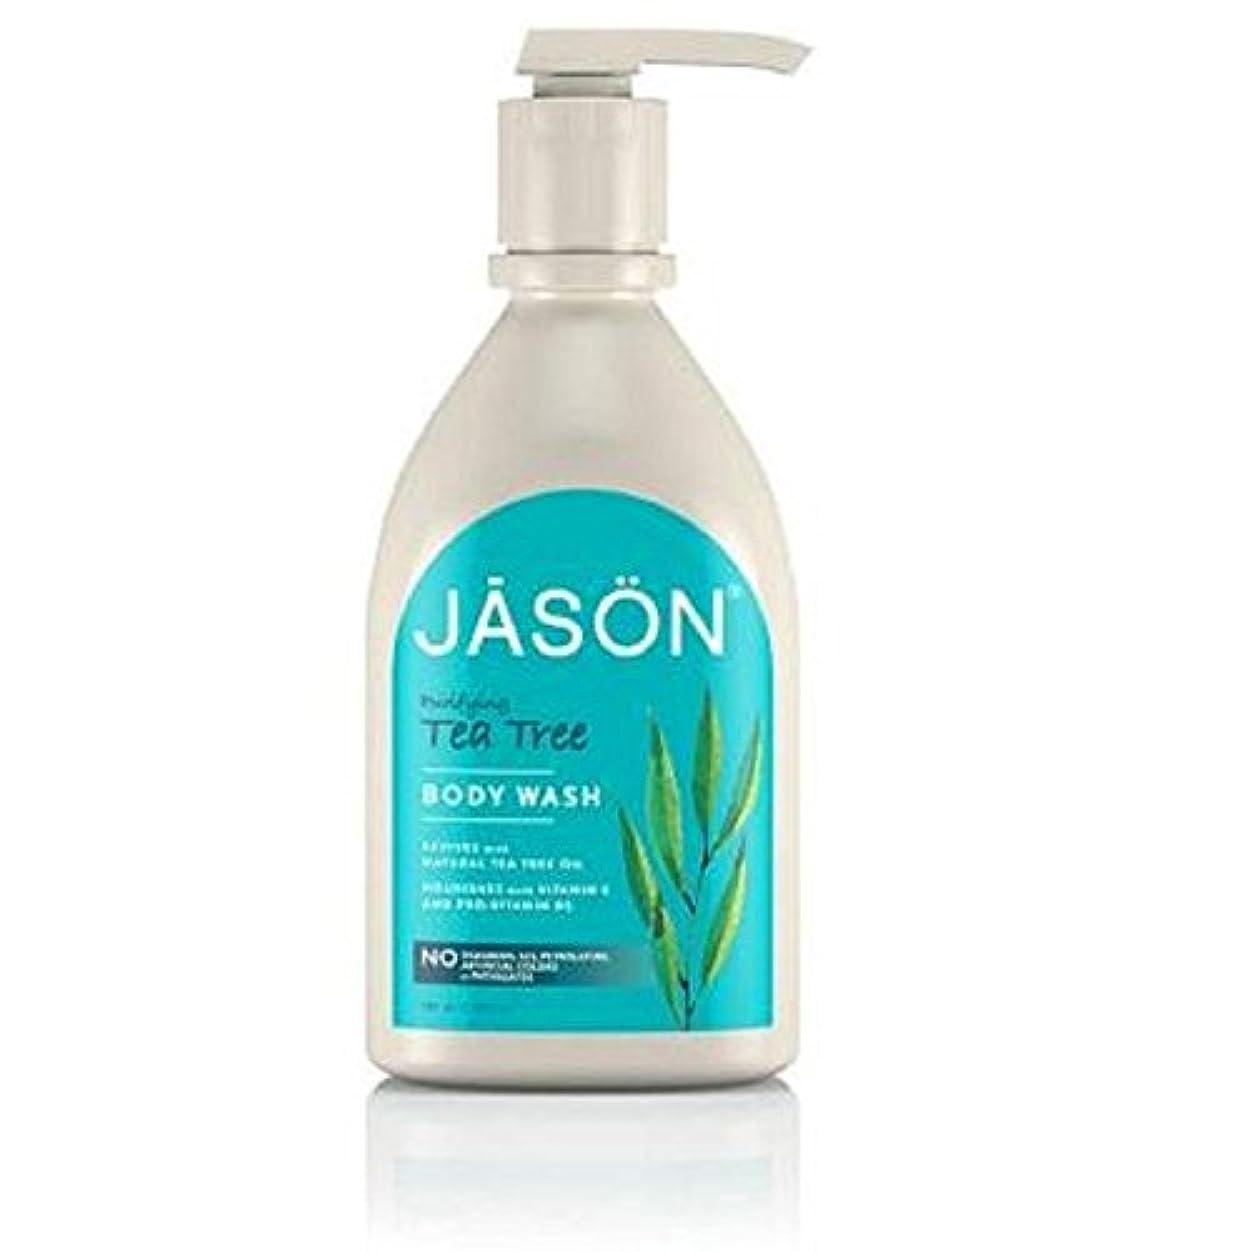 州どこにも文庫本ジェイソン?ティーツリーサテンボディウォッシュポンプ900ミリリットル x2 - Jason Tea Tree Satin Body Wash Pump 900ml (Pack of 2) [並行輸入品]